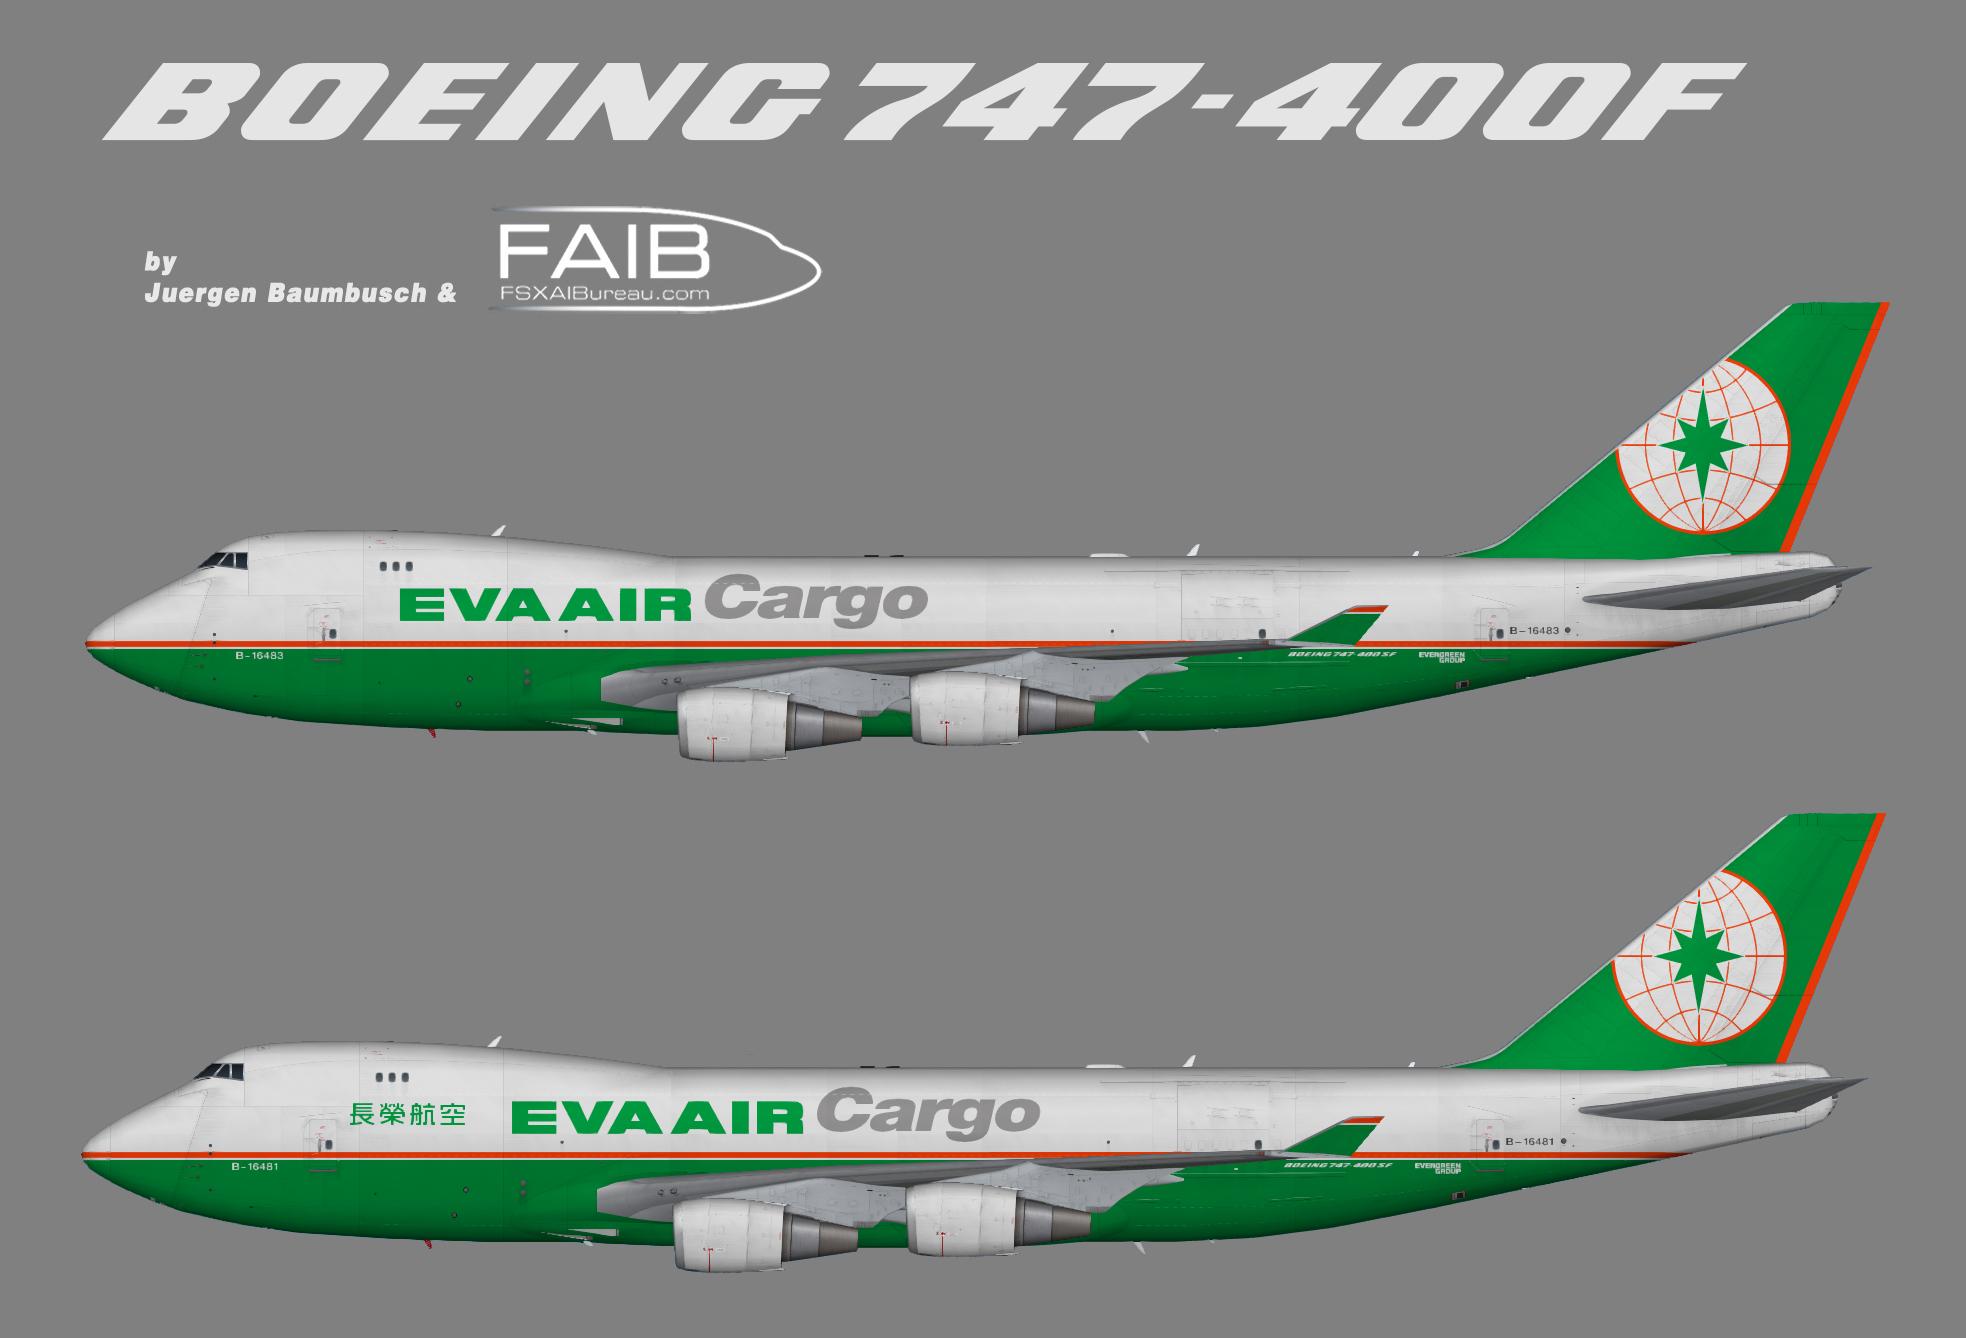 EVA Air Cargo Boeing 747-400F